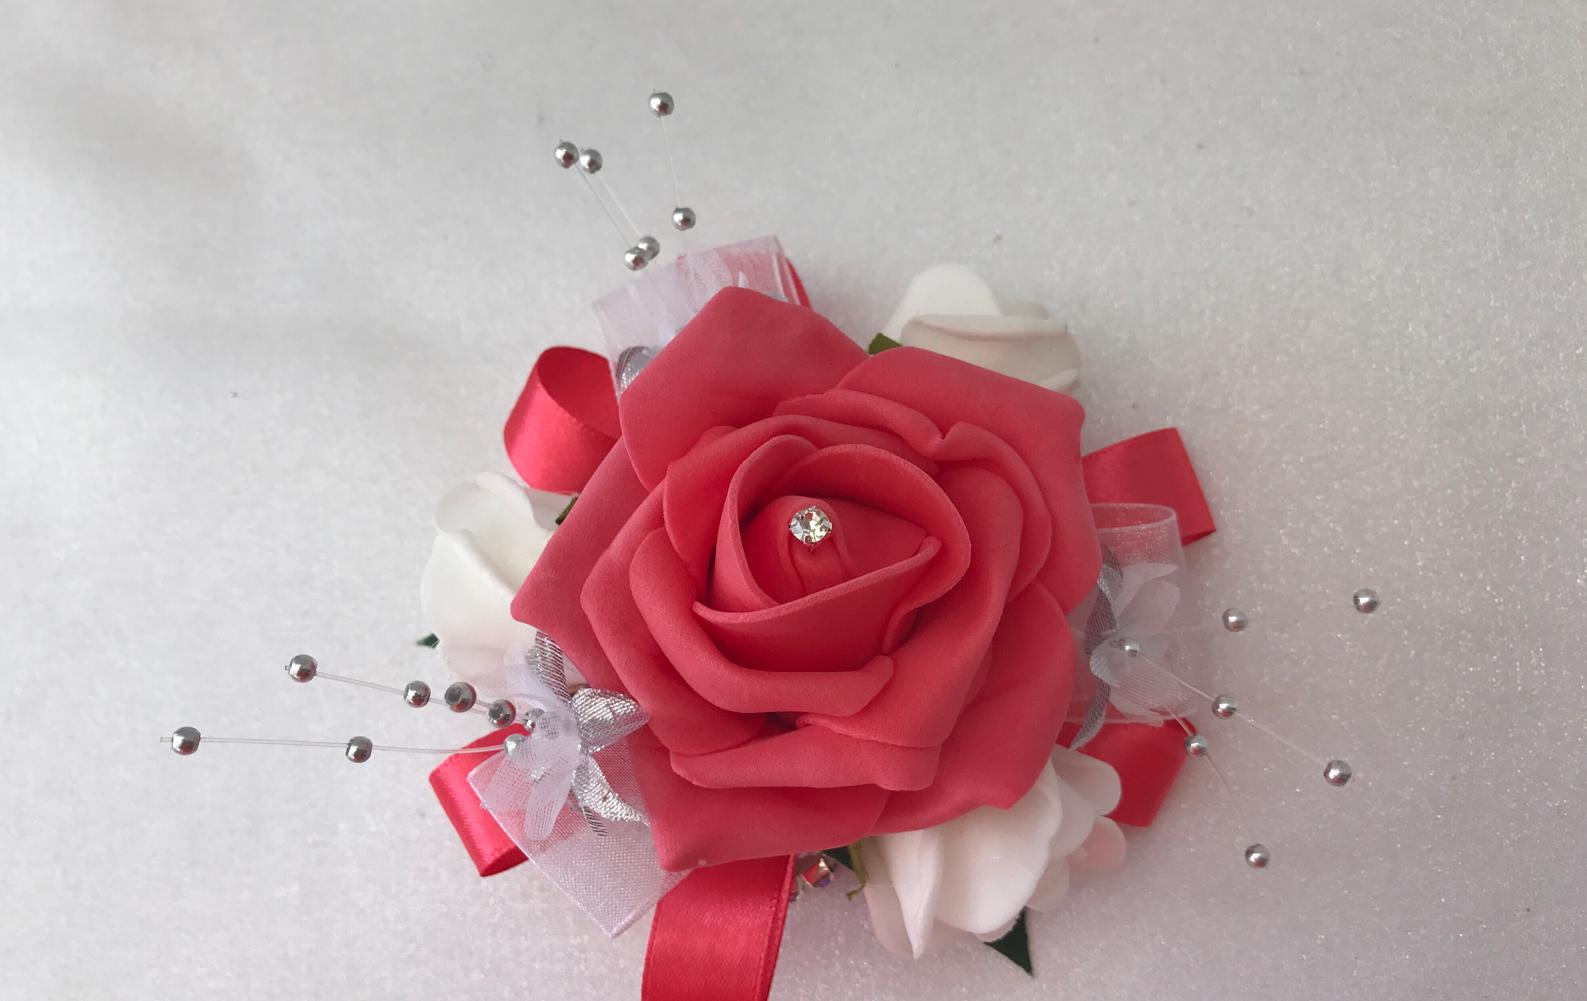 Nozze Fiori Avorio FARFALLA rosa Coral Bouquet, Sposa, Damigella, FARFALLA Avorio GIRL Bacchetta f7ac4d